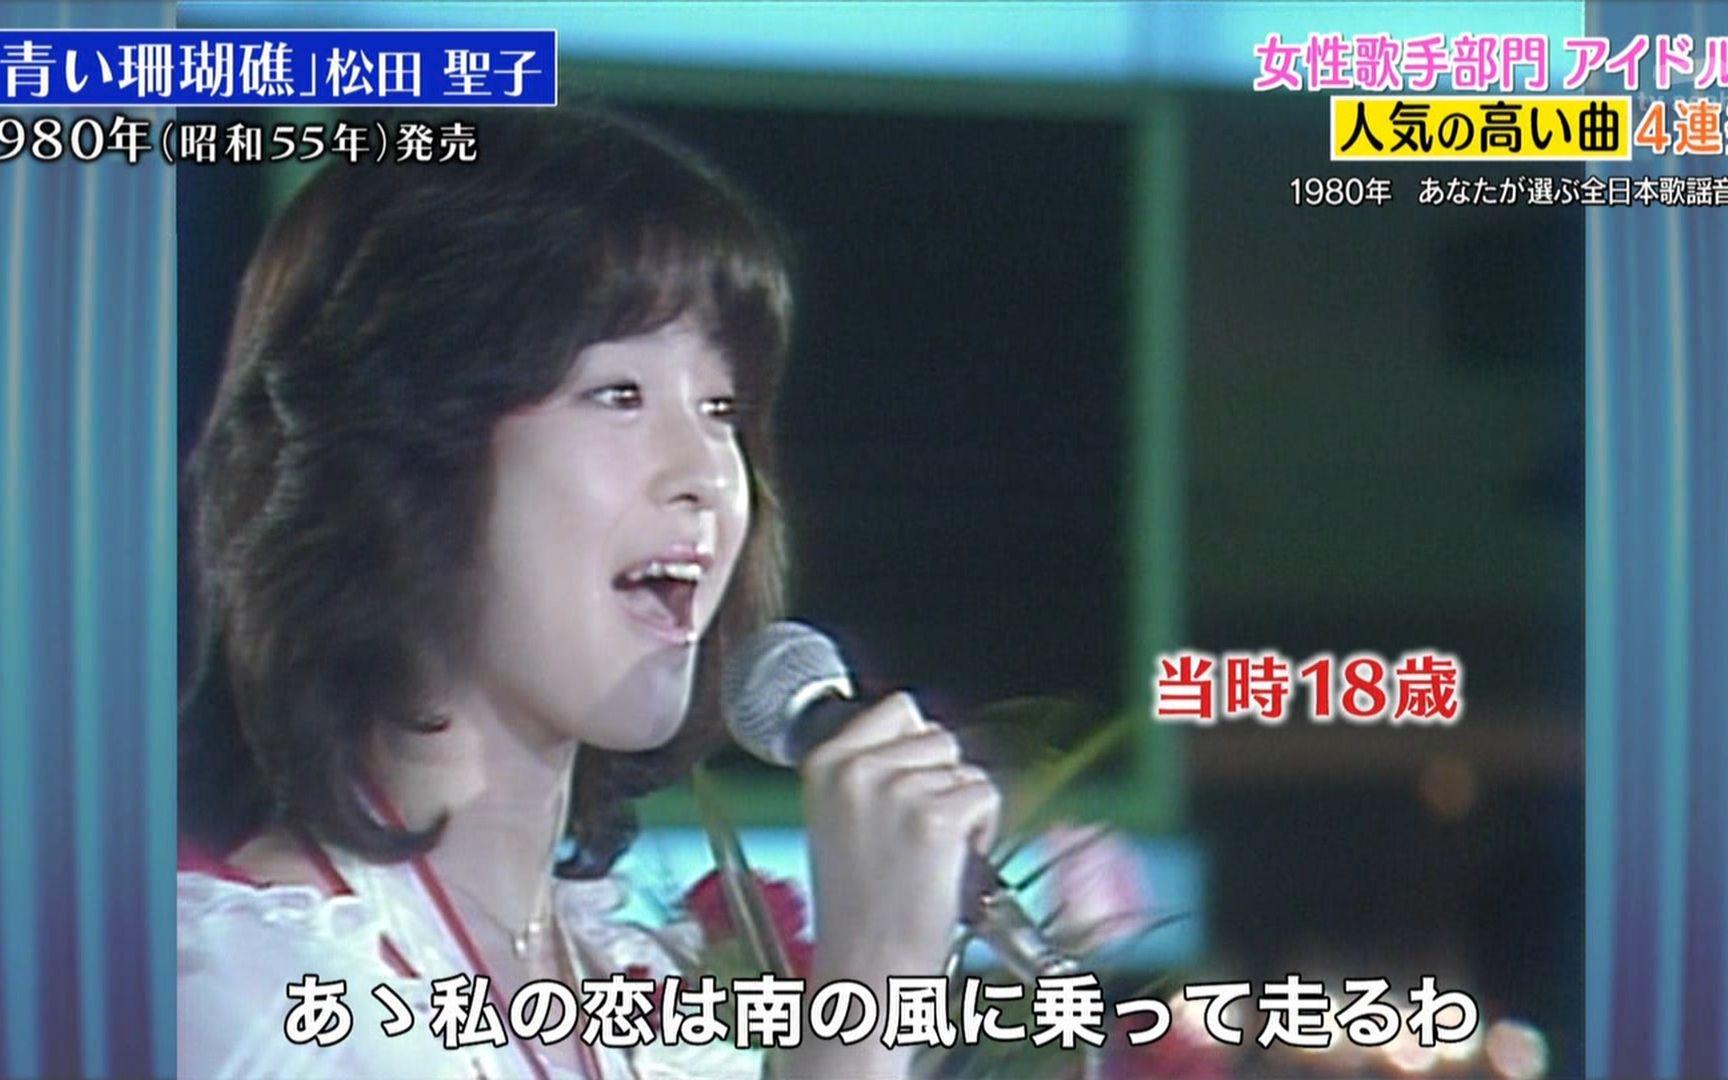 松田聖子 - 青い珊瑚礁 (18.12.19.日本の名曲グランプリ)_嗶哩嗶哩 (゜-゜)つロ 干杯~-bilibili